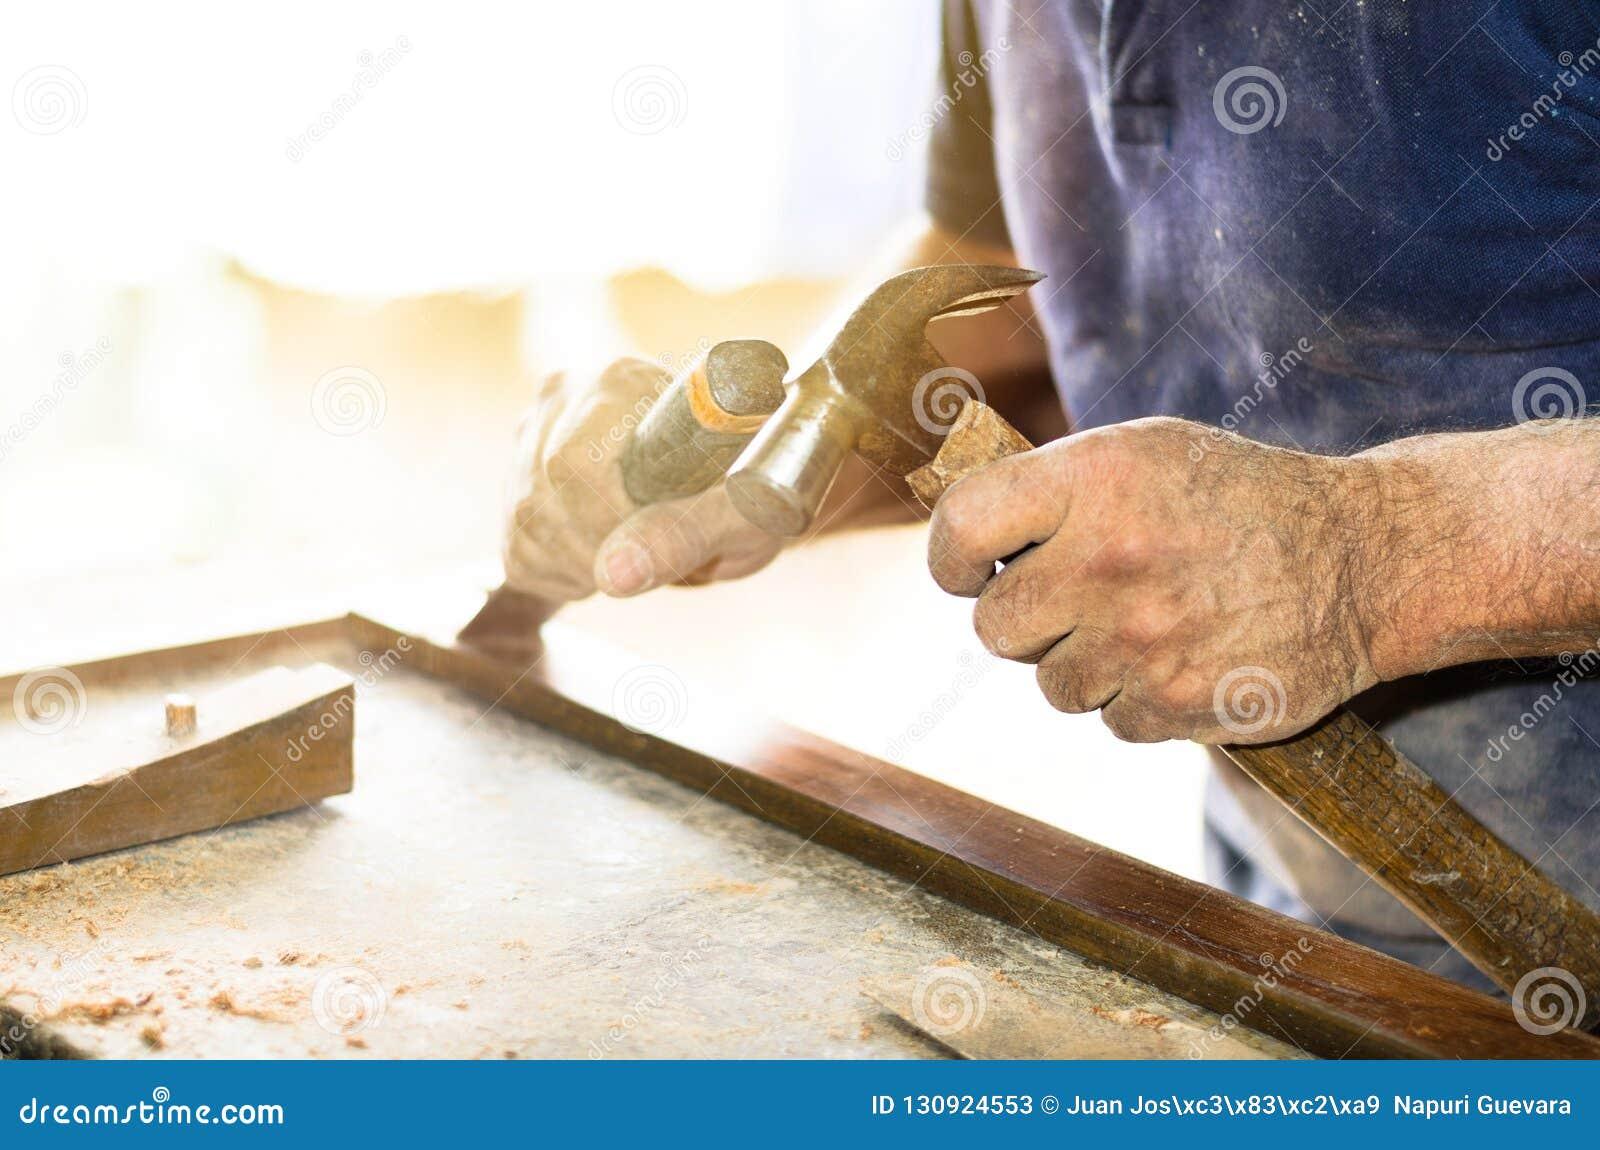 Closeupen av en snickare räcker arbete med en stämjärn och en hammare på träarbetsbänken